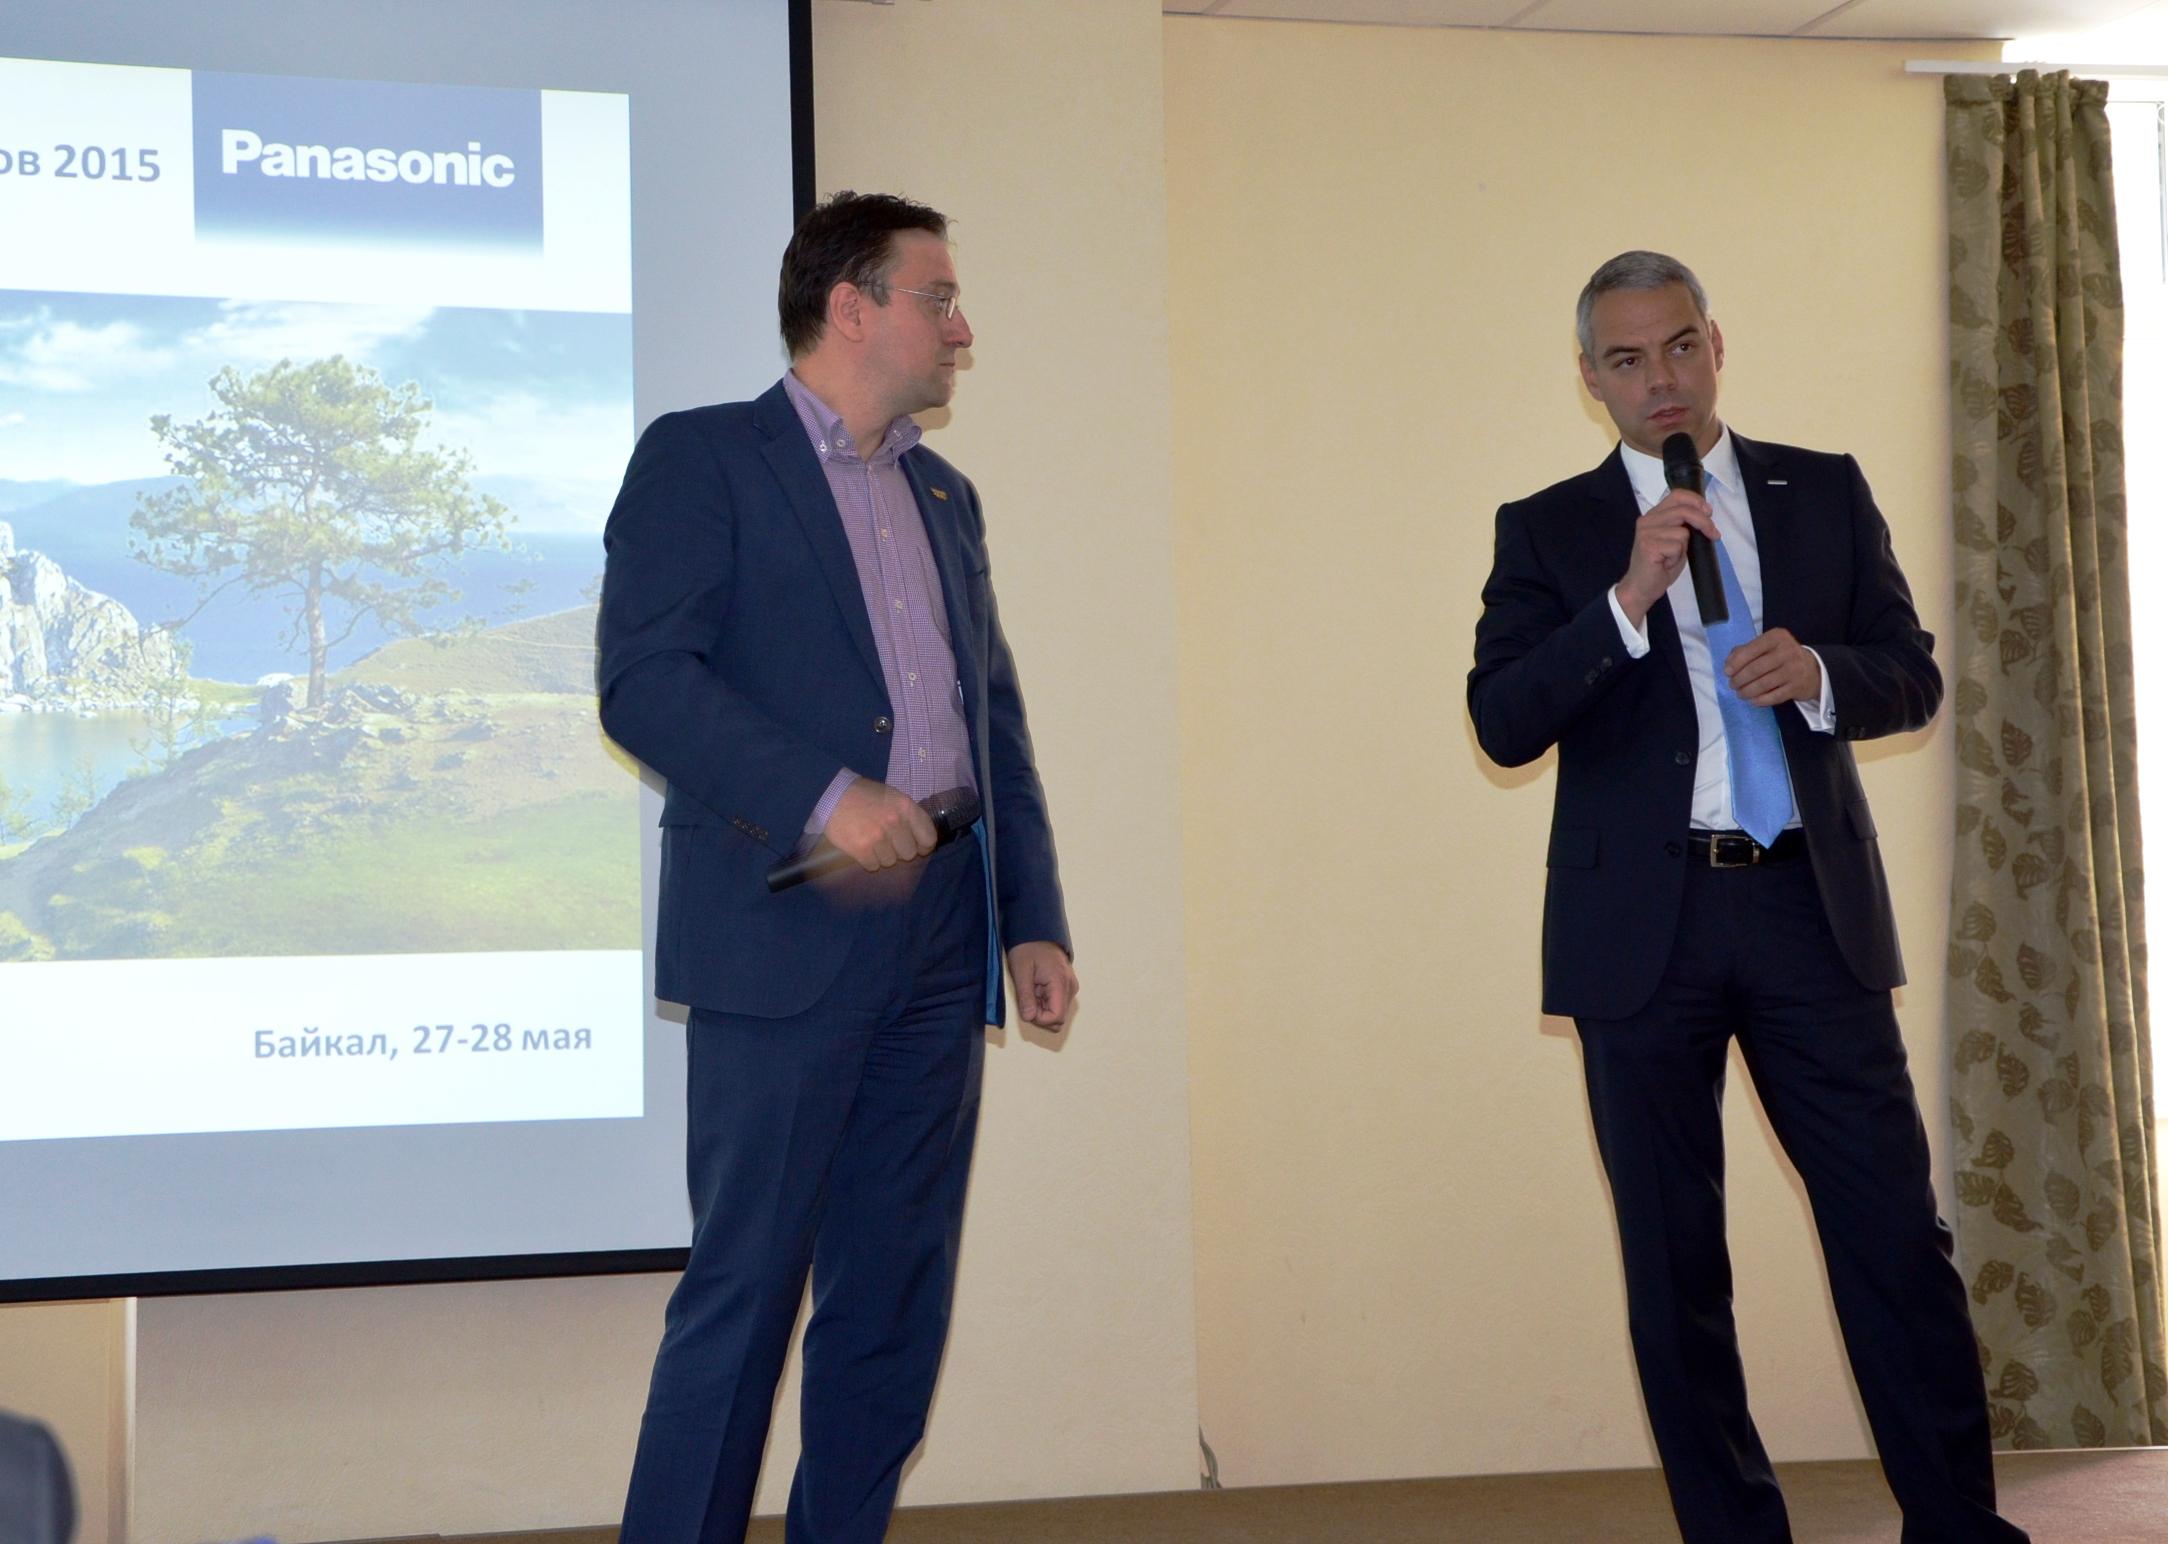 DSC 0110 Компания Panasonic провела партнерскую конференцию на Байкале